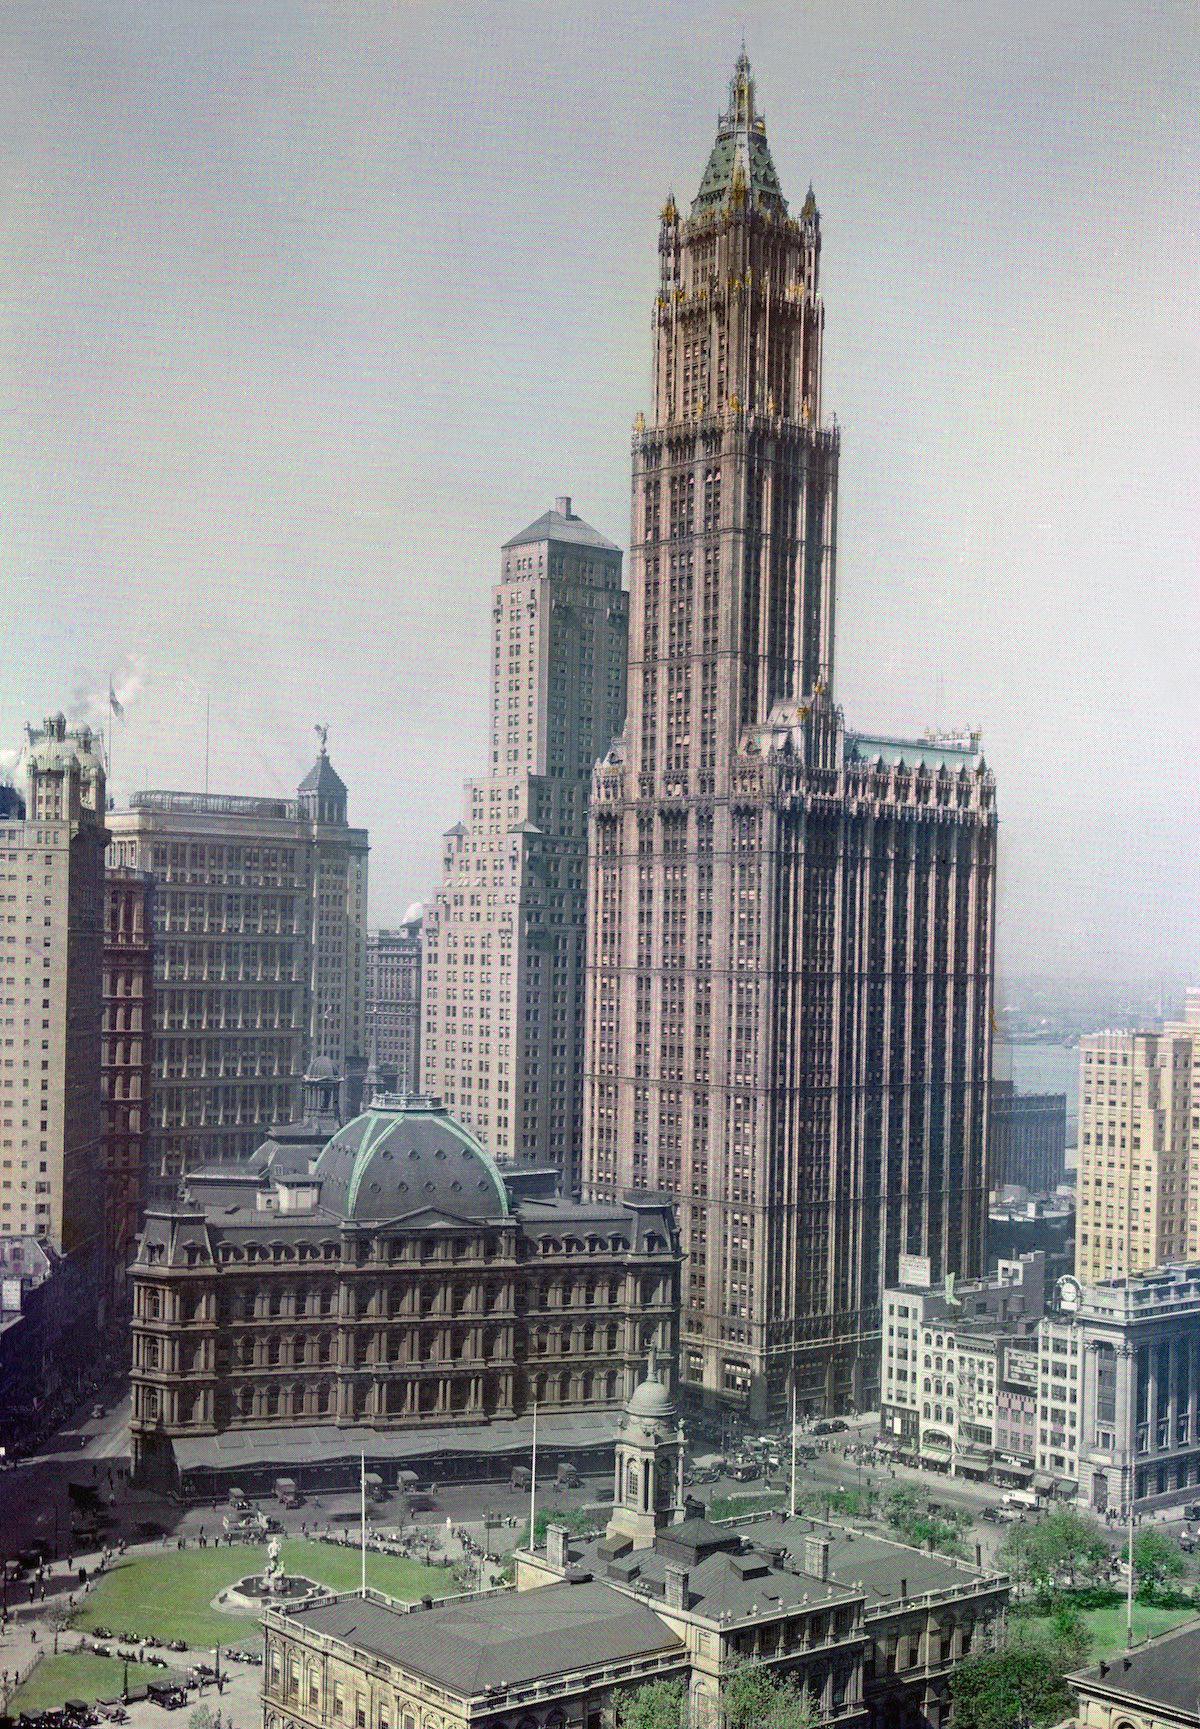 1930 Манхэттен, Нью-Йорк – шестидесятиэтажный небоскреб Вулворт-билдинг возвышается на горизонте Нью-Йорка